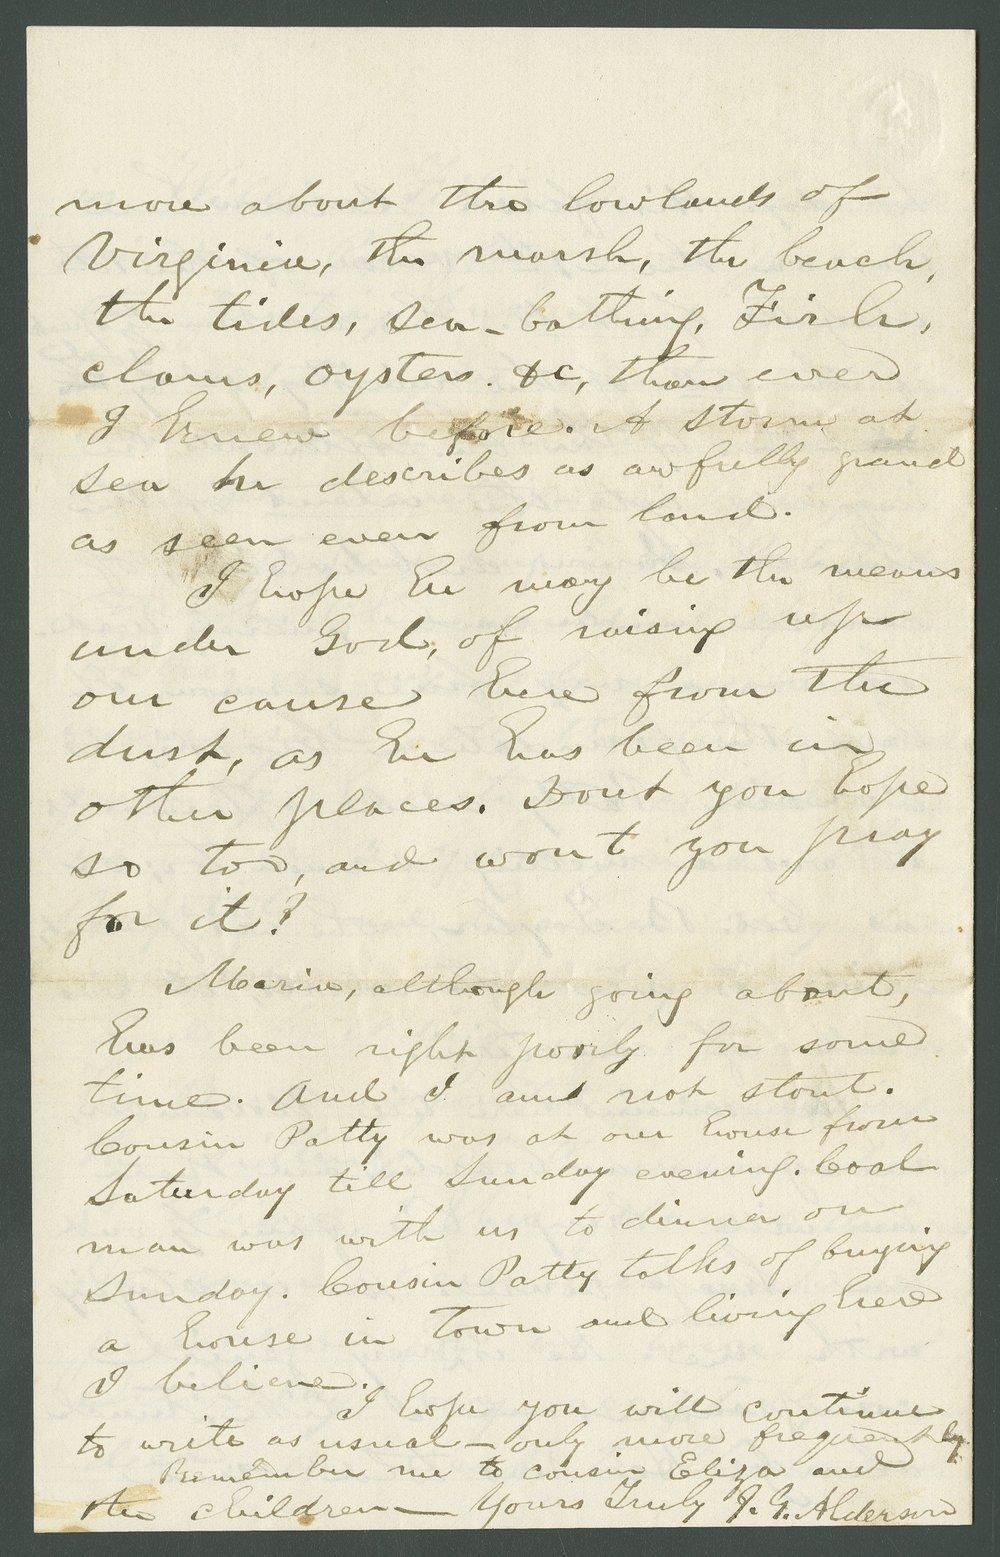 J. G. Alderson to Lewis Allen Alderson - 4